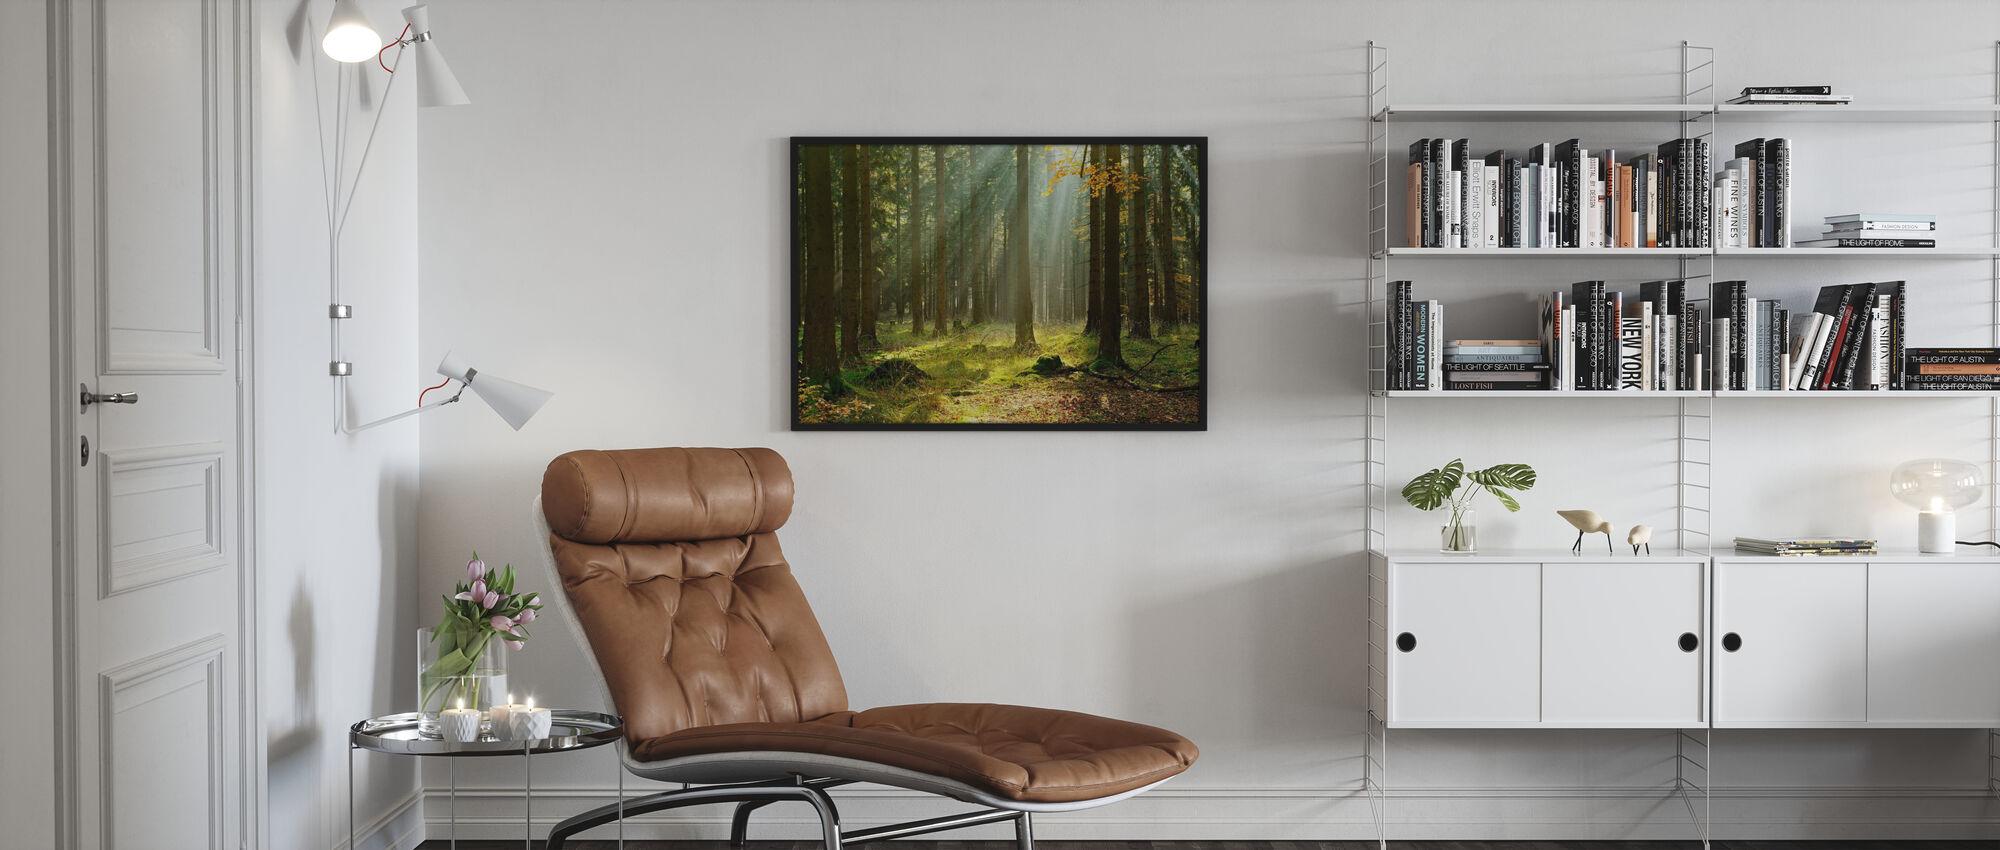 Ethereal Forest - Framed print - Living Room